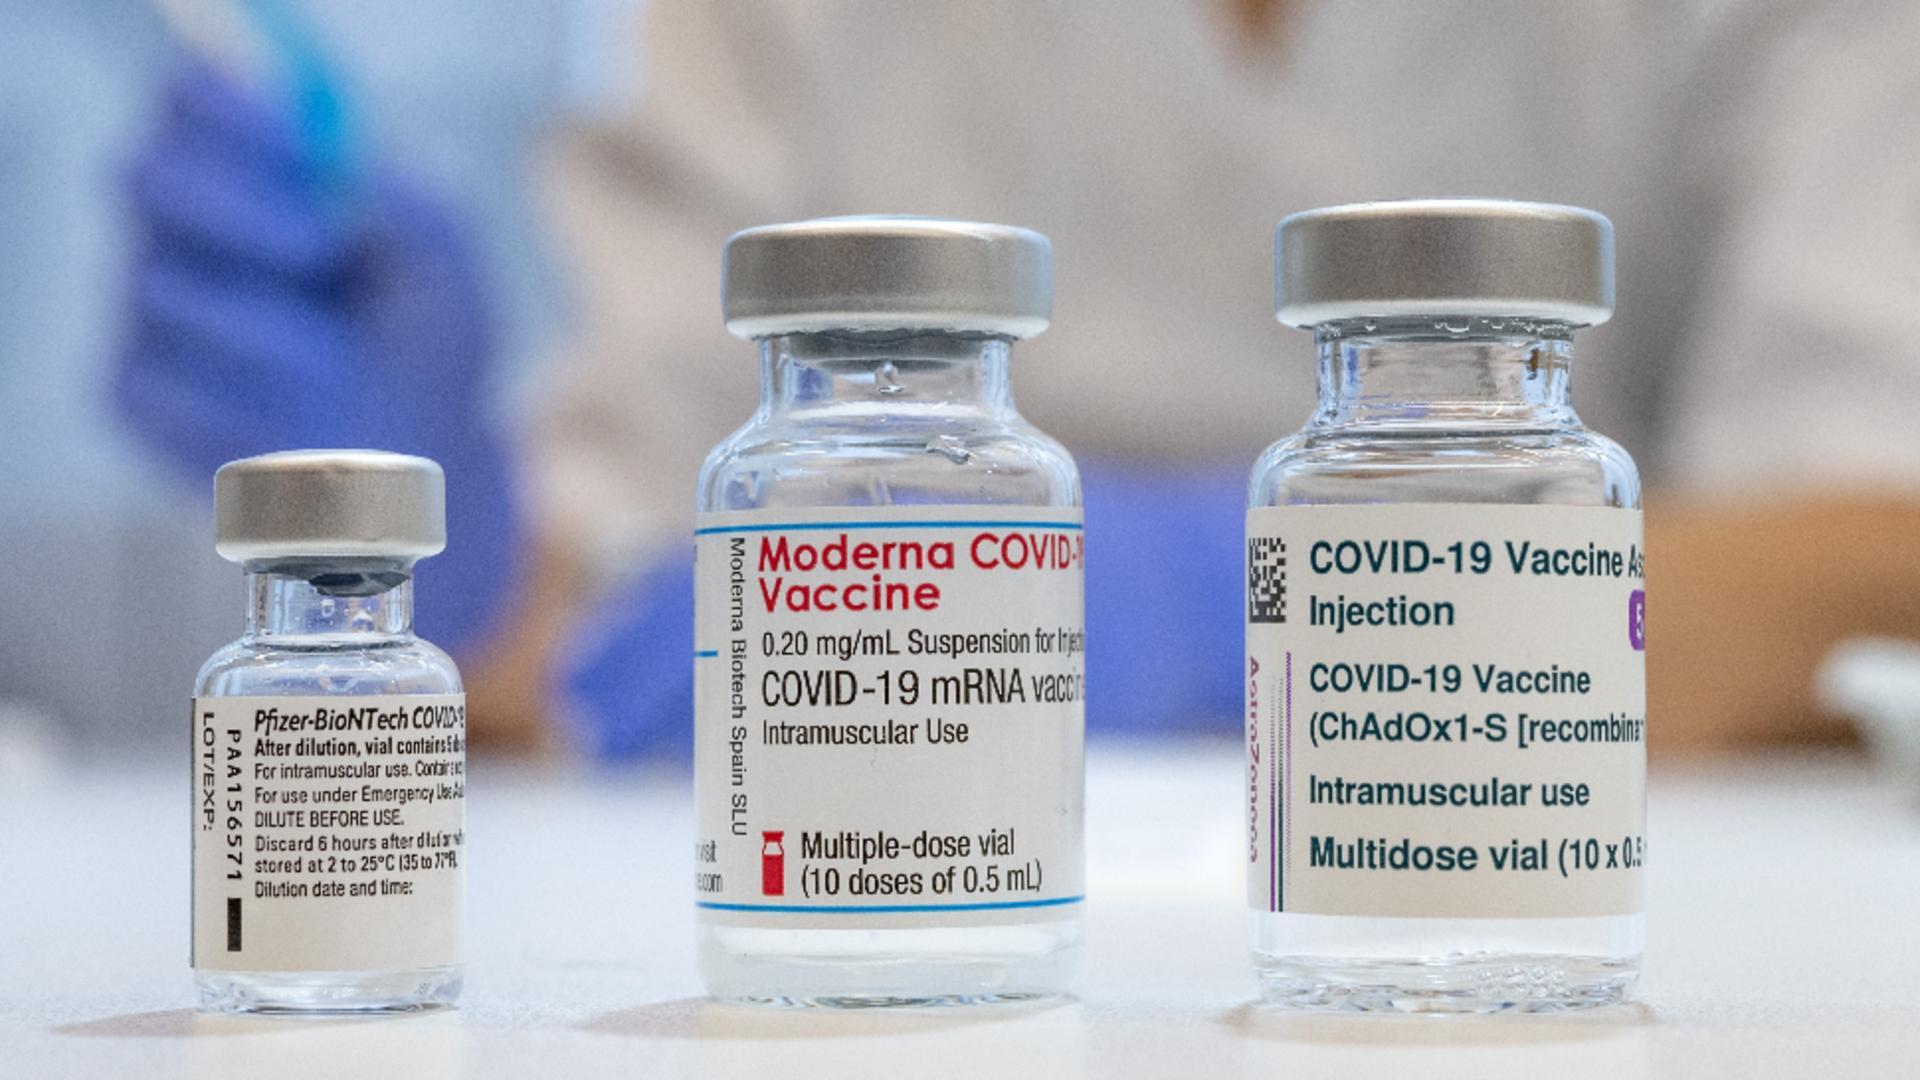 România se confruntă cu un nou val pandemic, ceea ce se reflectă și în numărul infecțiilor noi raportate / Foto: Profi Media